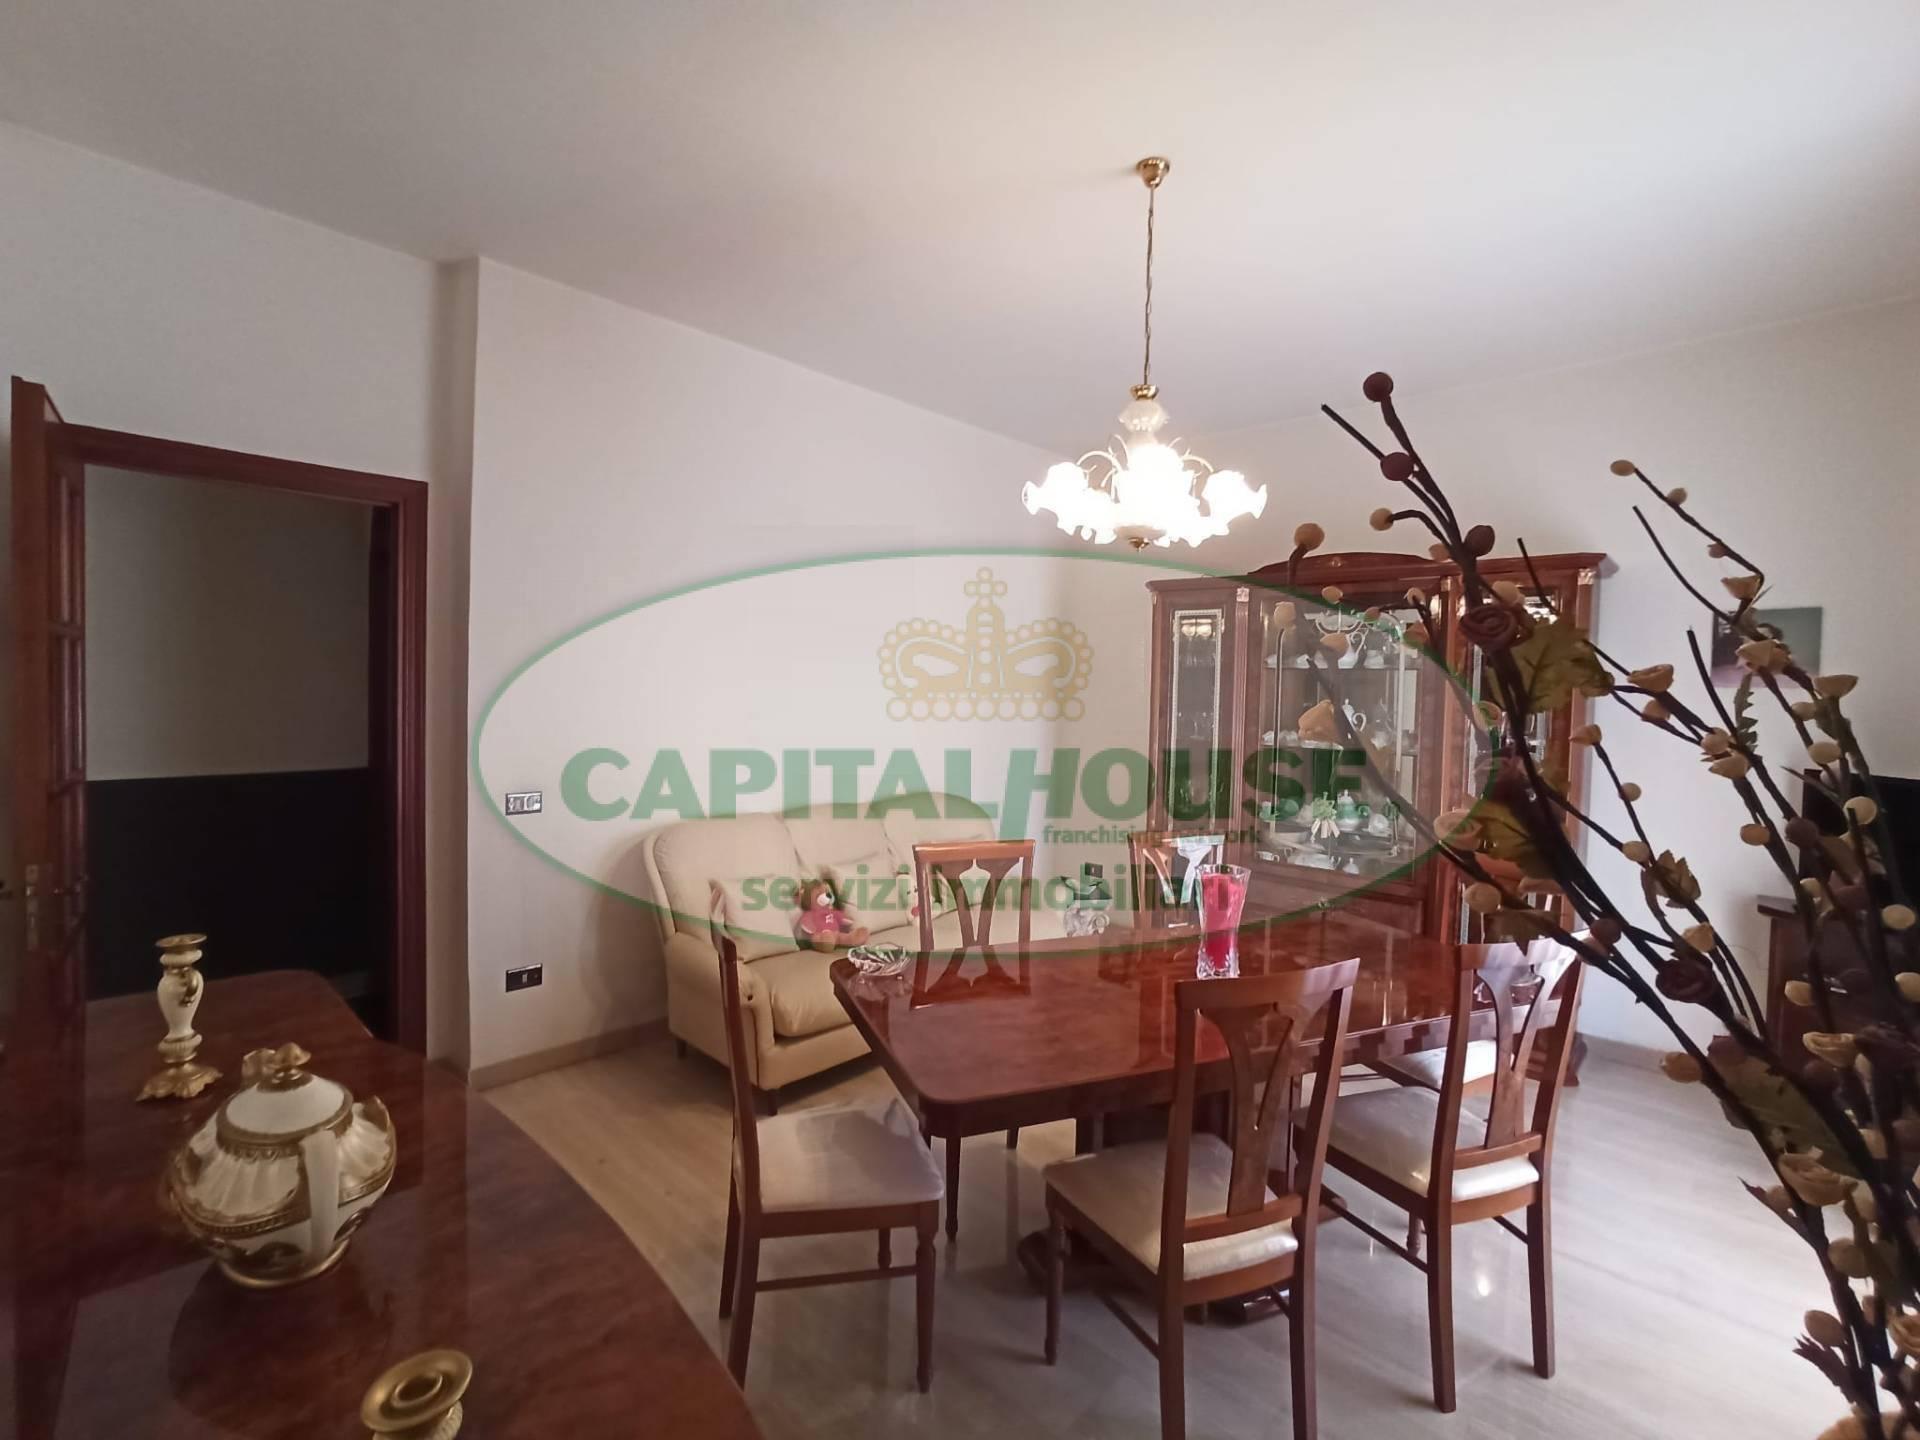 Appartamento in vendita a Ottaviano, 4 locali, zona Località: SanGennarello, prezzo € 159.000 | PortaleAgenzieImmobiliari.it